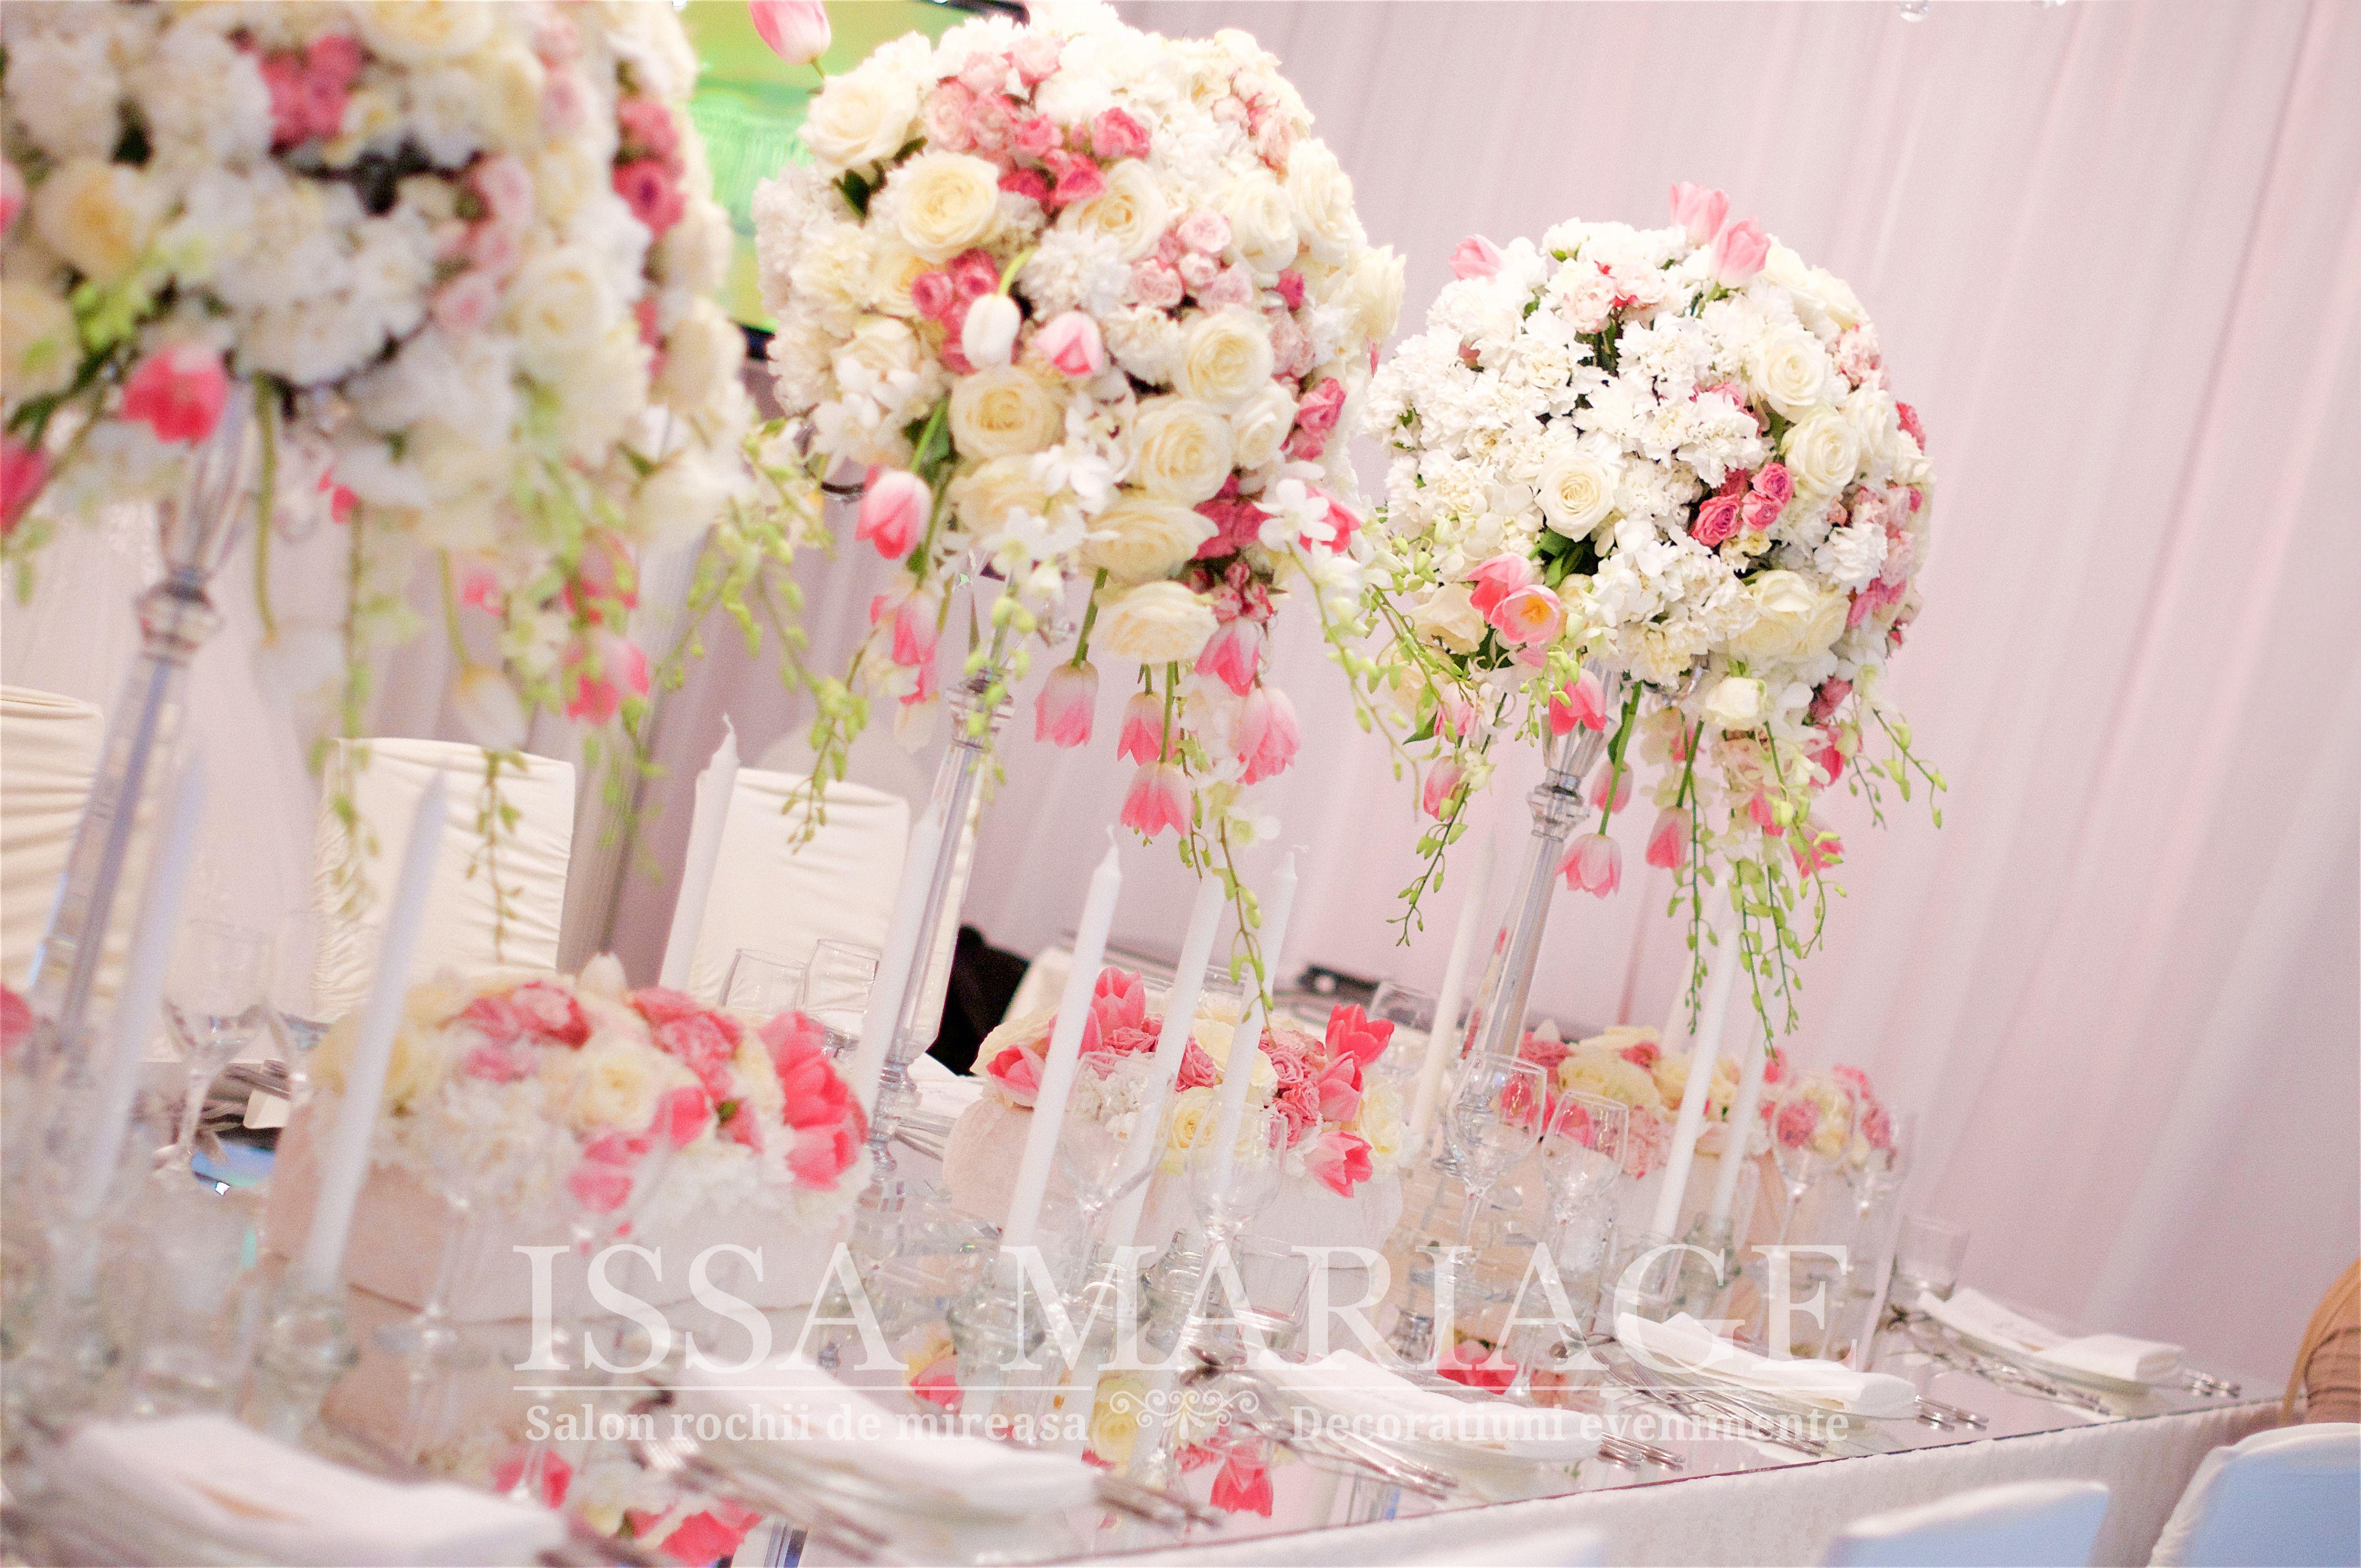 Aranjament nunta sfesnice cristal huse de scaun elastice si voaluri albe IssaMariage